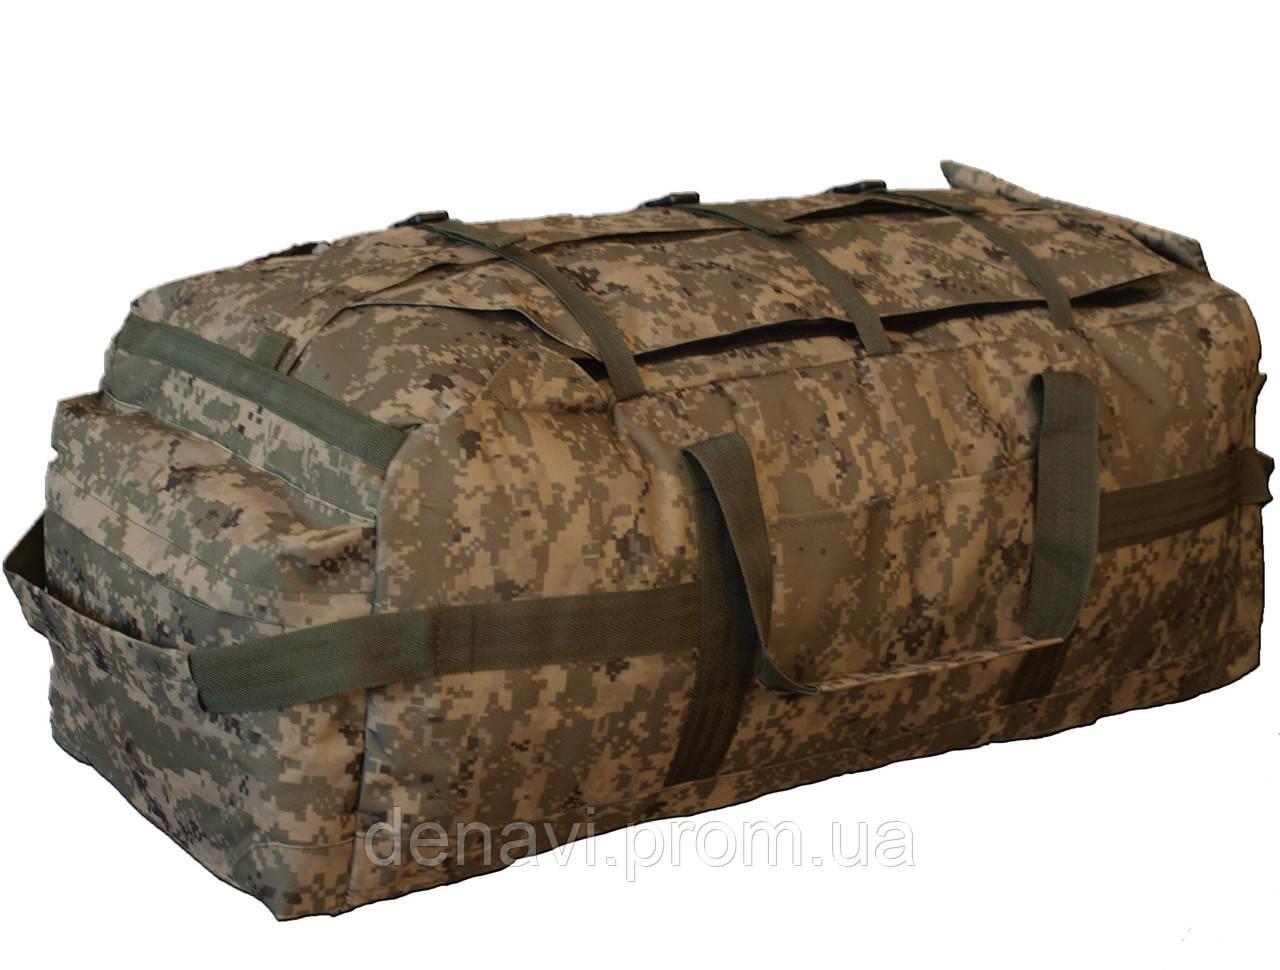 Сумка-рюкзак 100-120 л